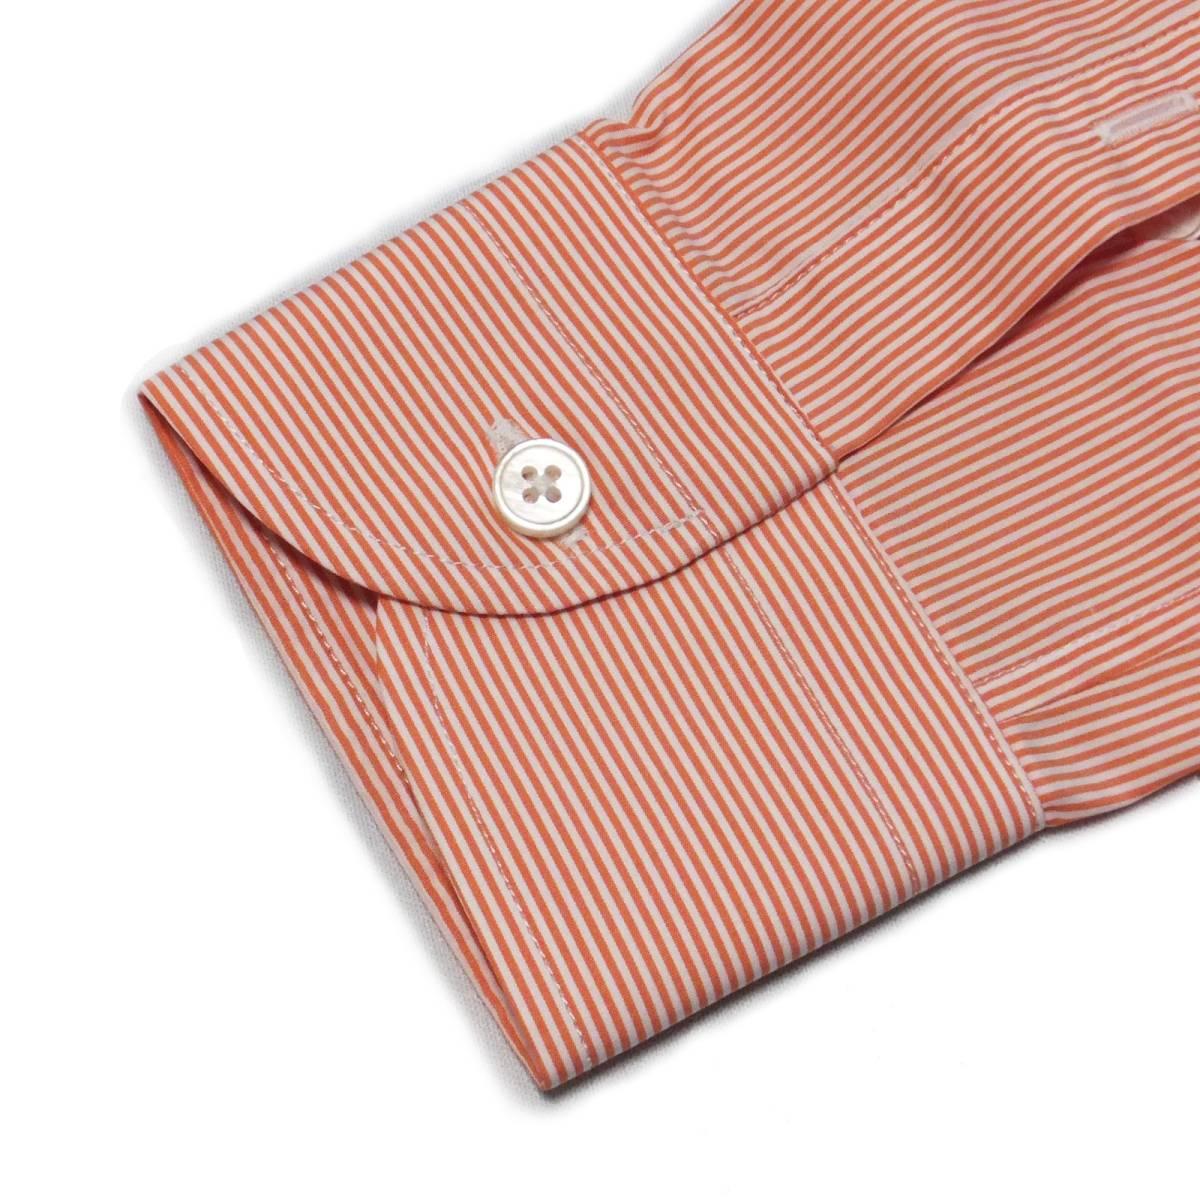 [dickson]サイズ38:ドレスシャツ メンズ 白xオレンジのヘアラインストライプ 長袖 コットン ワイシャツ Canclini_画像8